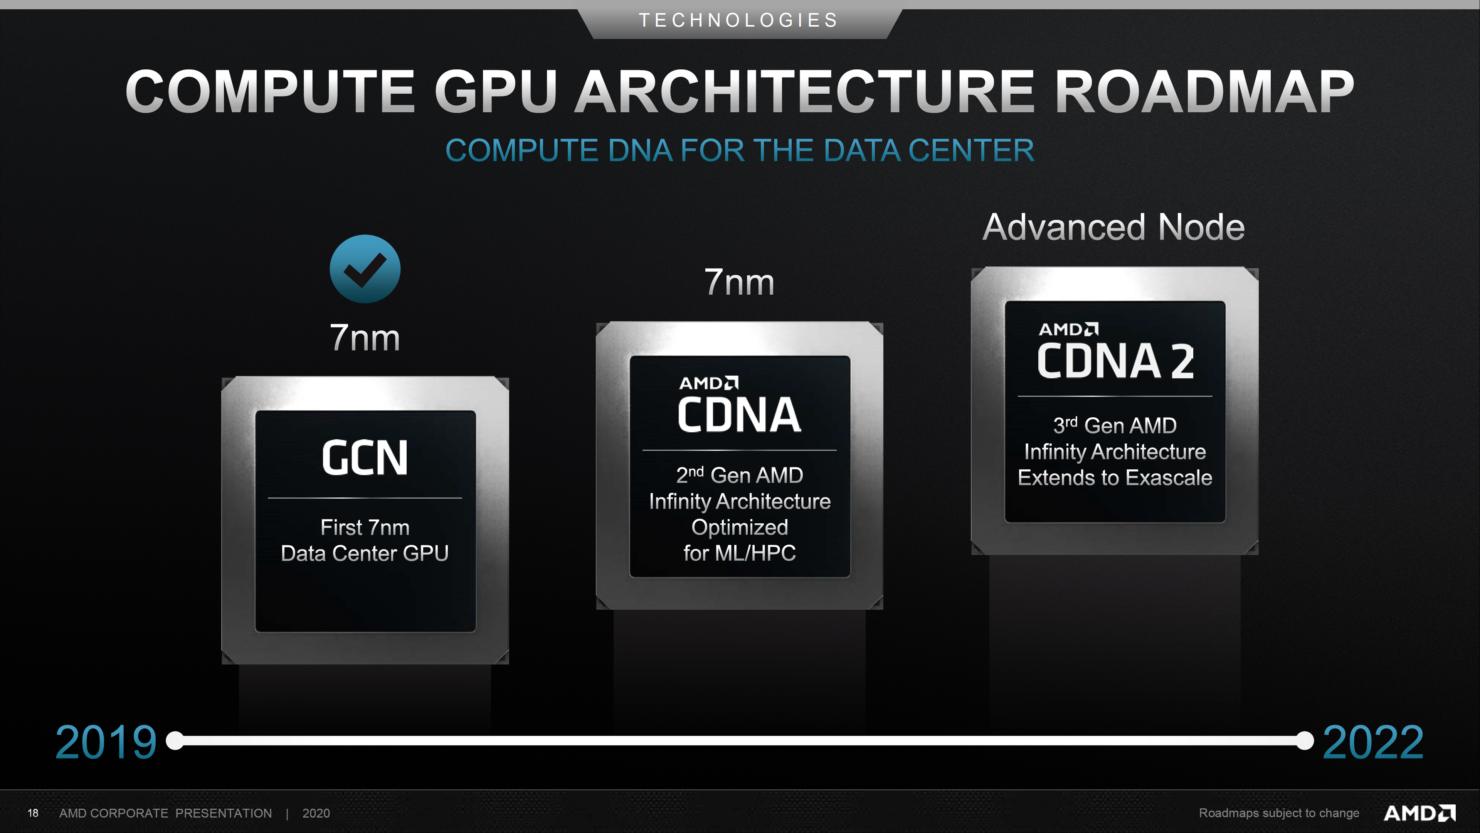 amd-compute-gpu-architecture-roadmap-2019-2022